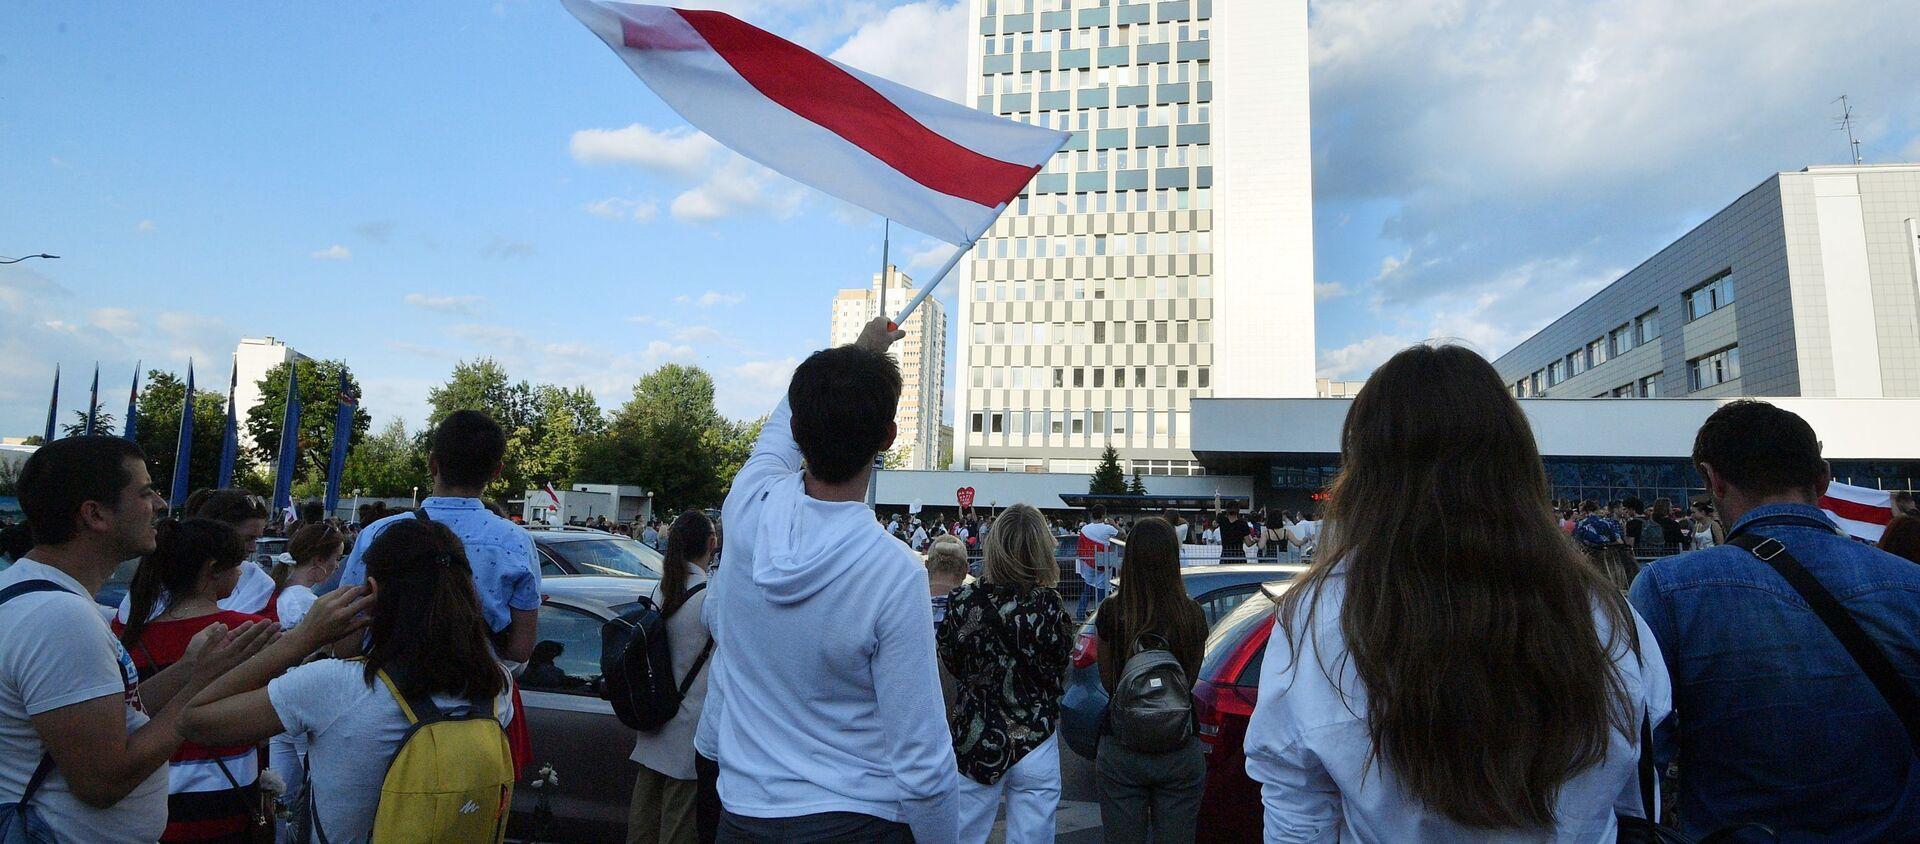 Biało-czerwono-biała flaga białoruskiej opozycji - Sputnik Polska, 1920, 09.06.2021